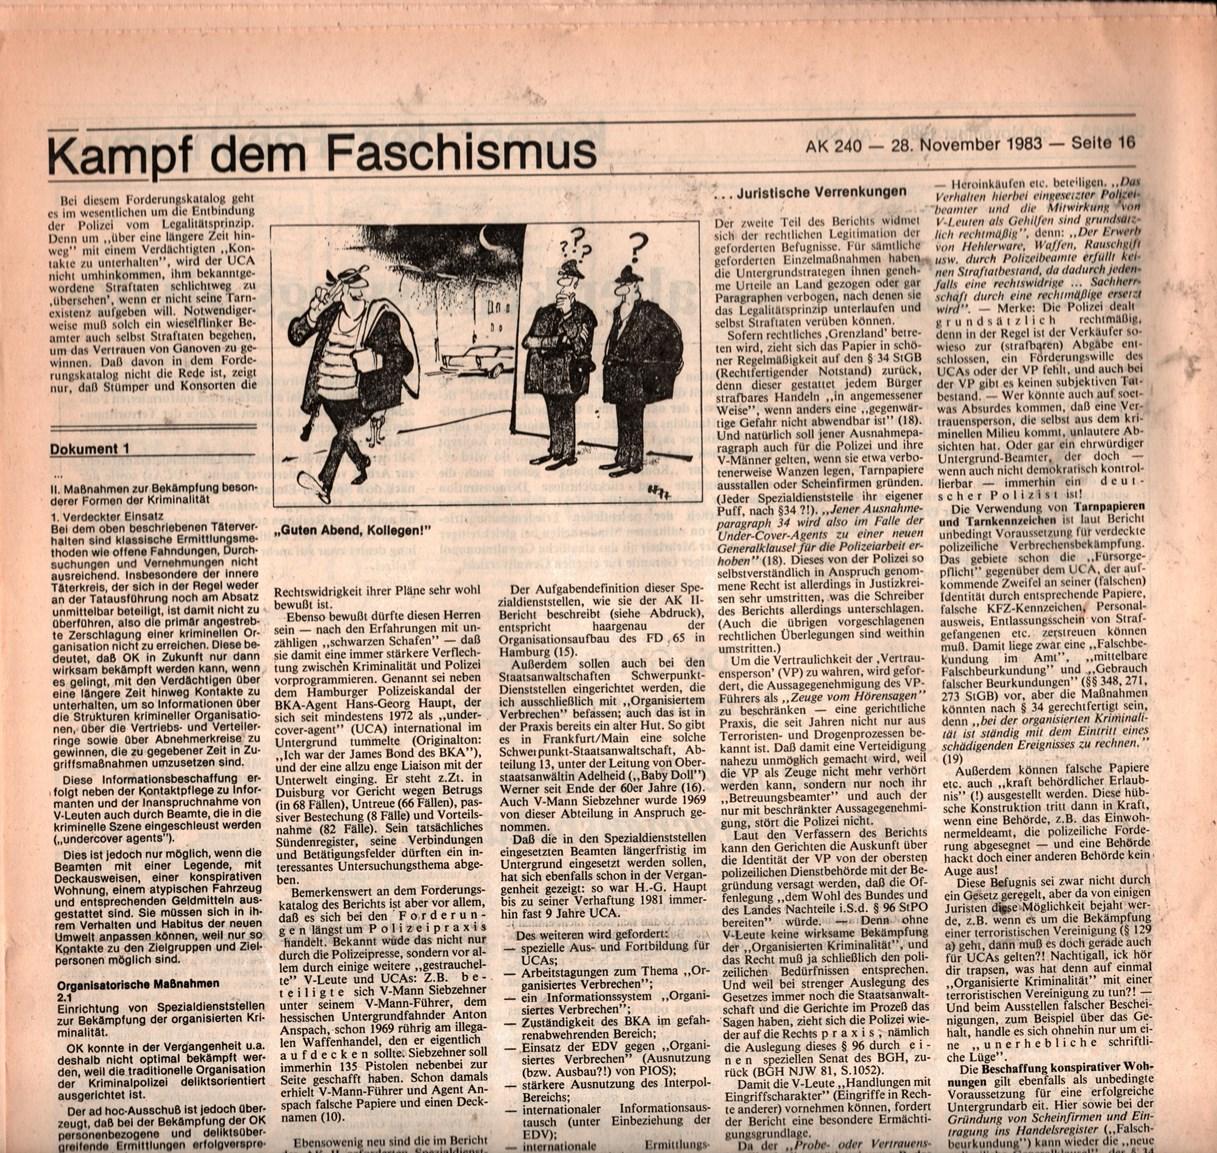 KB_AK_1983_240_031